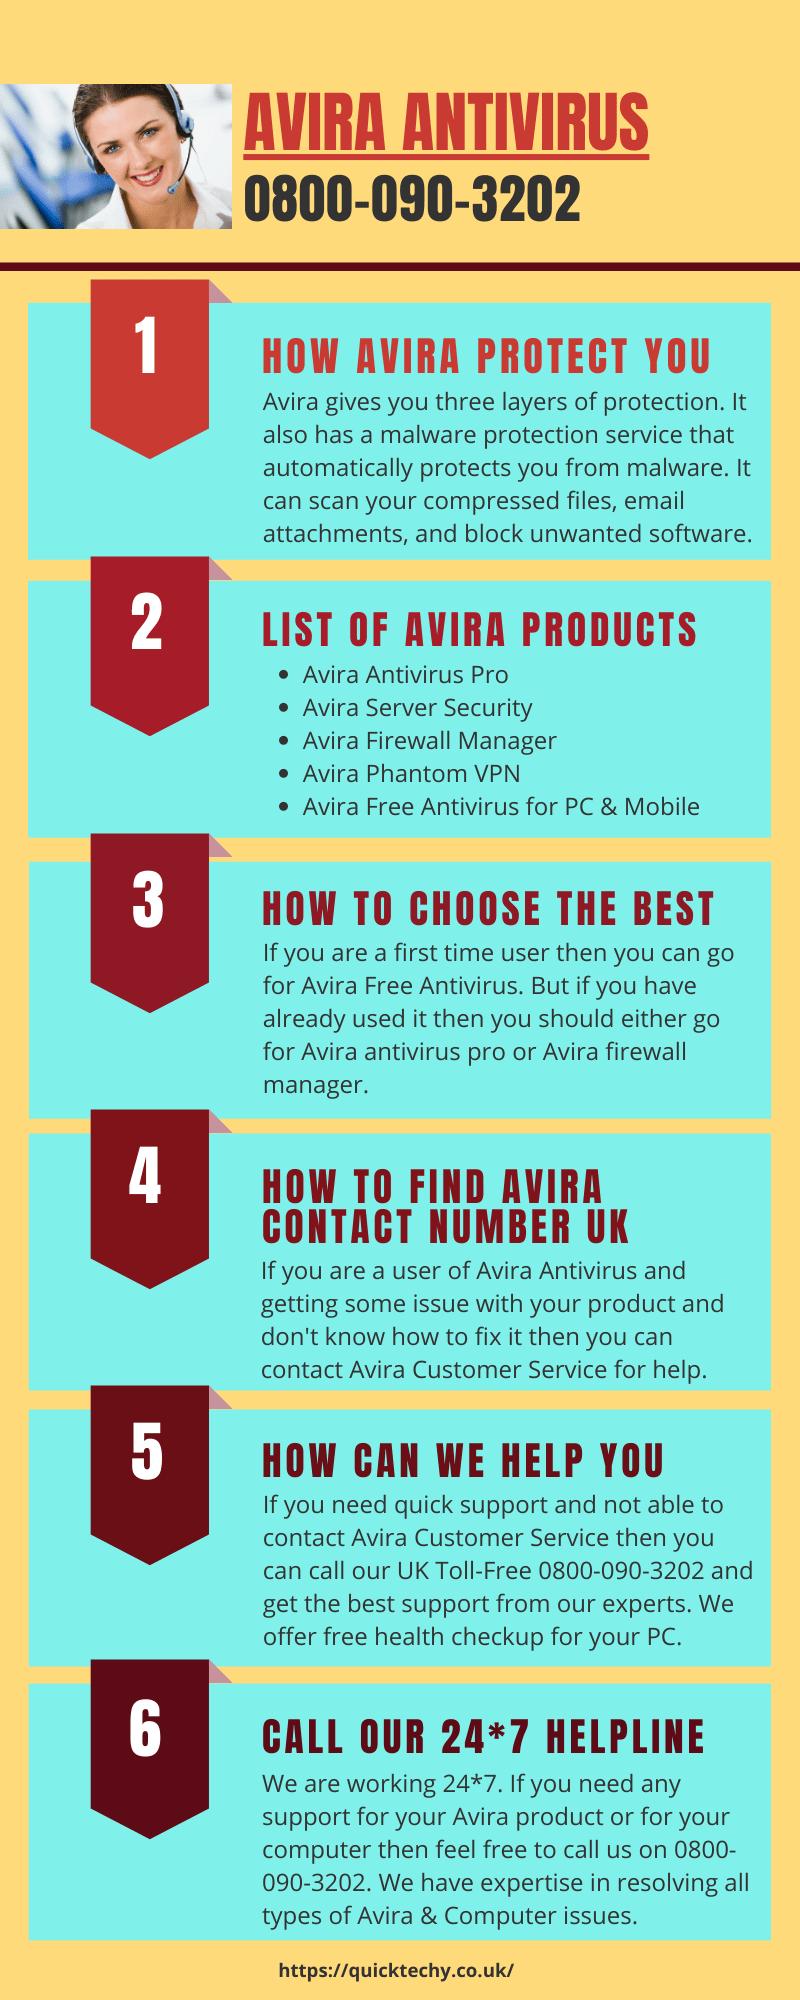 Avira Customer Service UK | 0800-090-3202